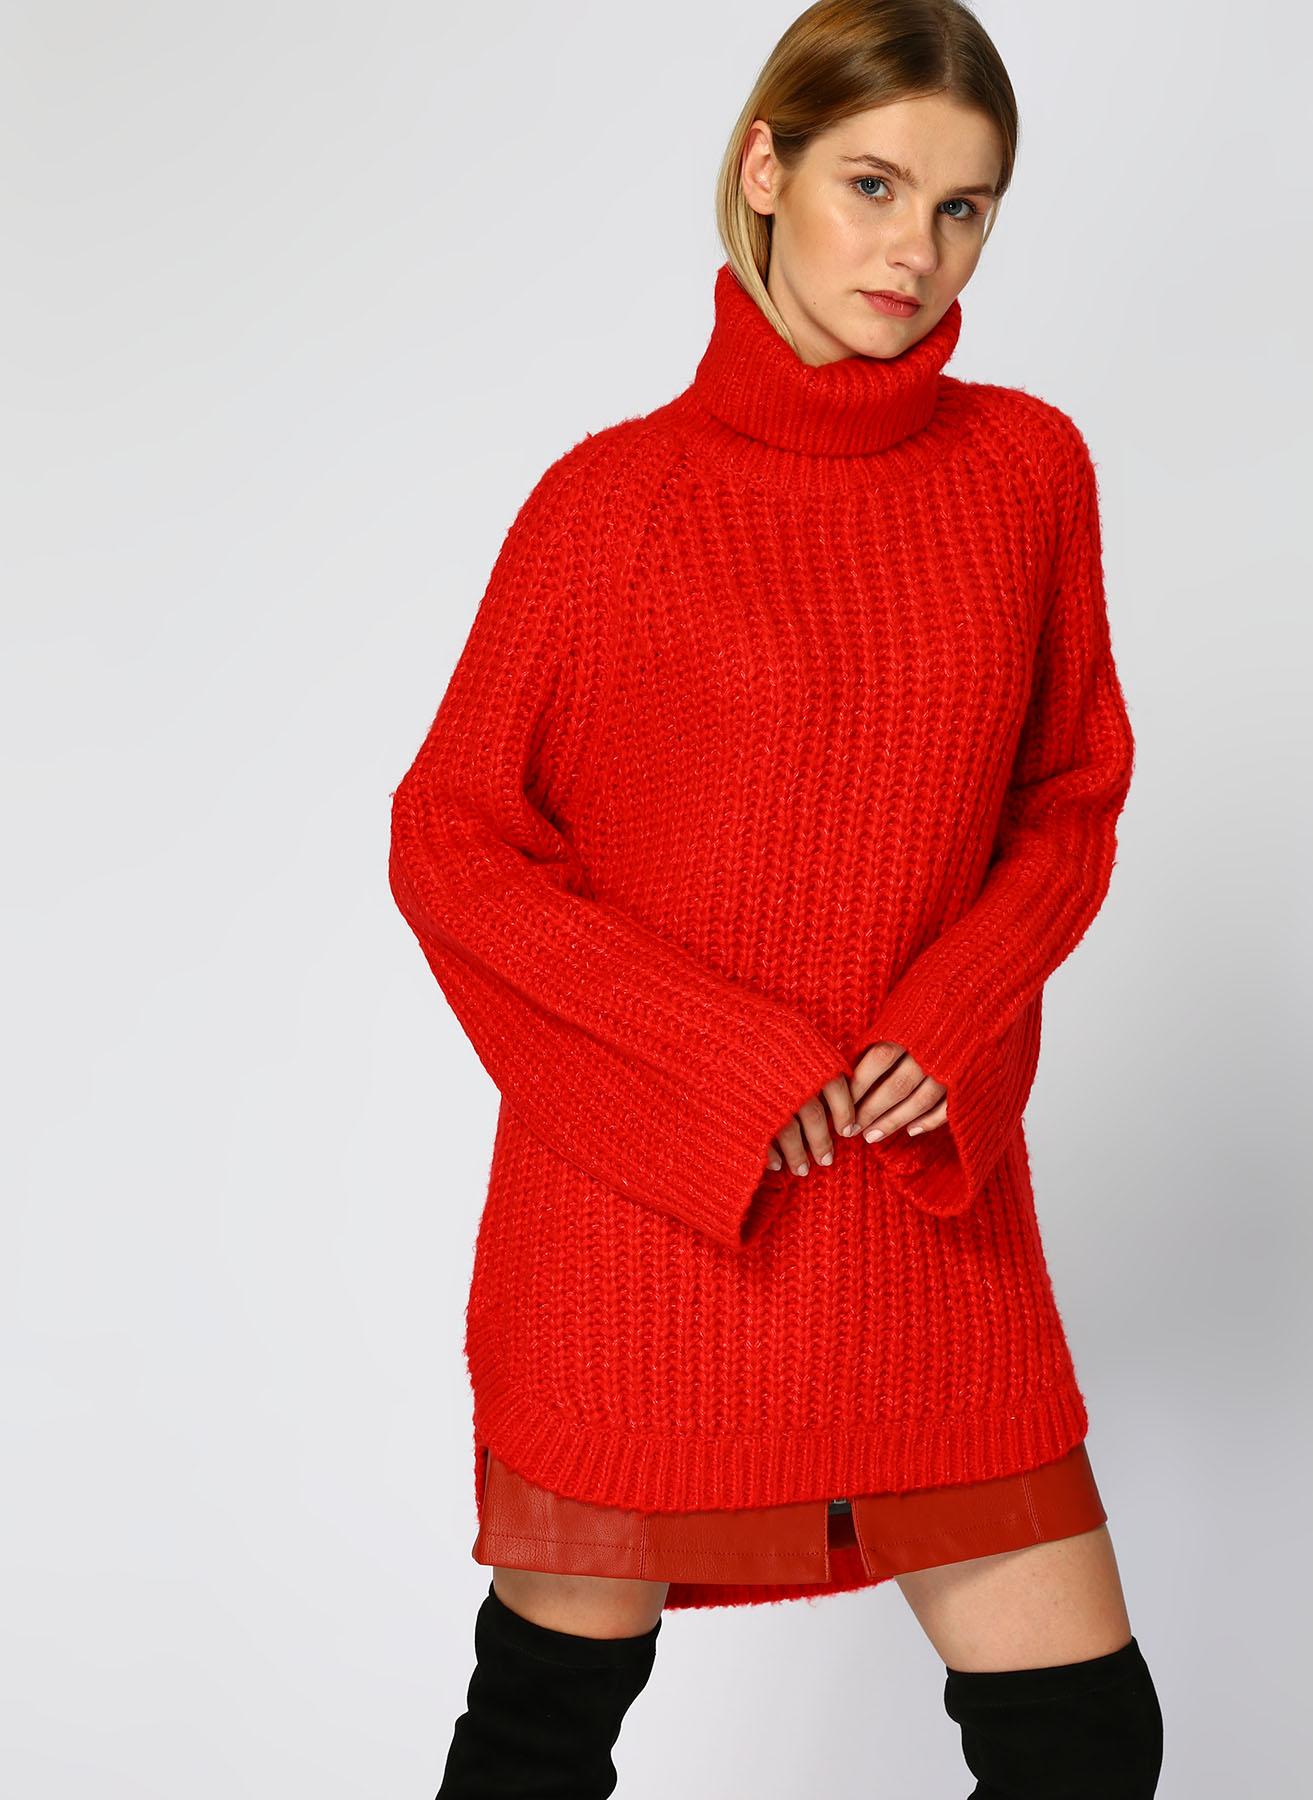 Vero Moda Kırmızı Kazak L 5002320557001 Ürün Resmi